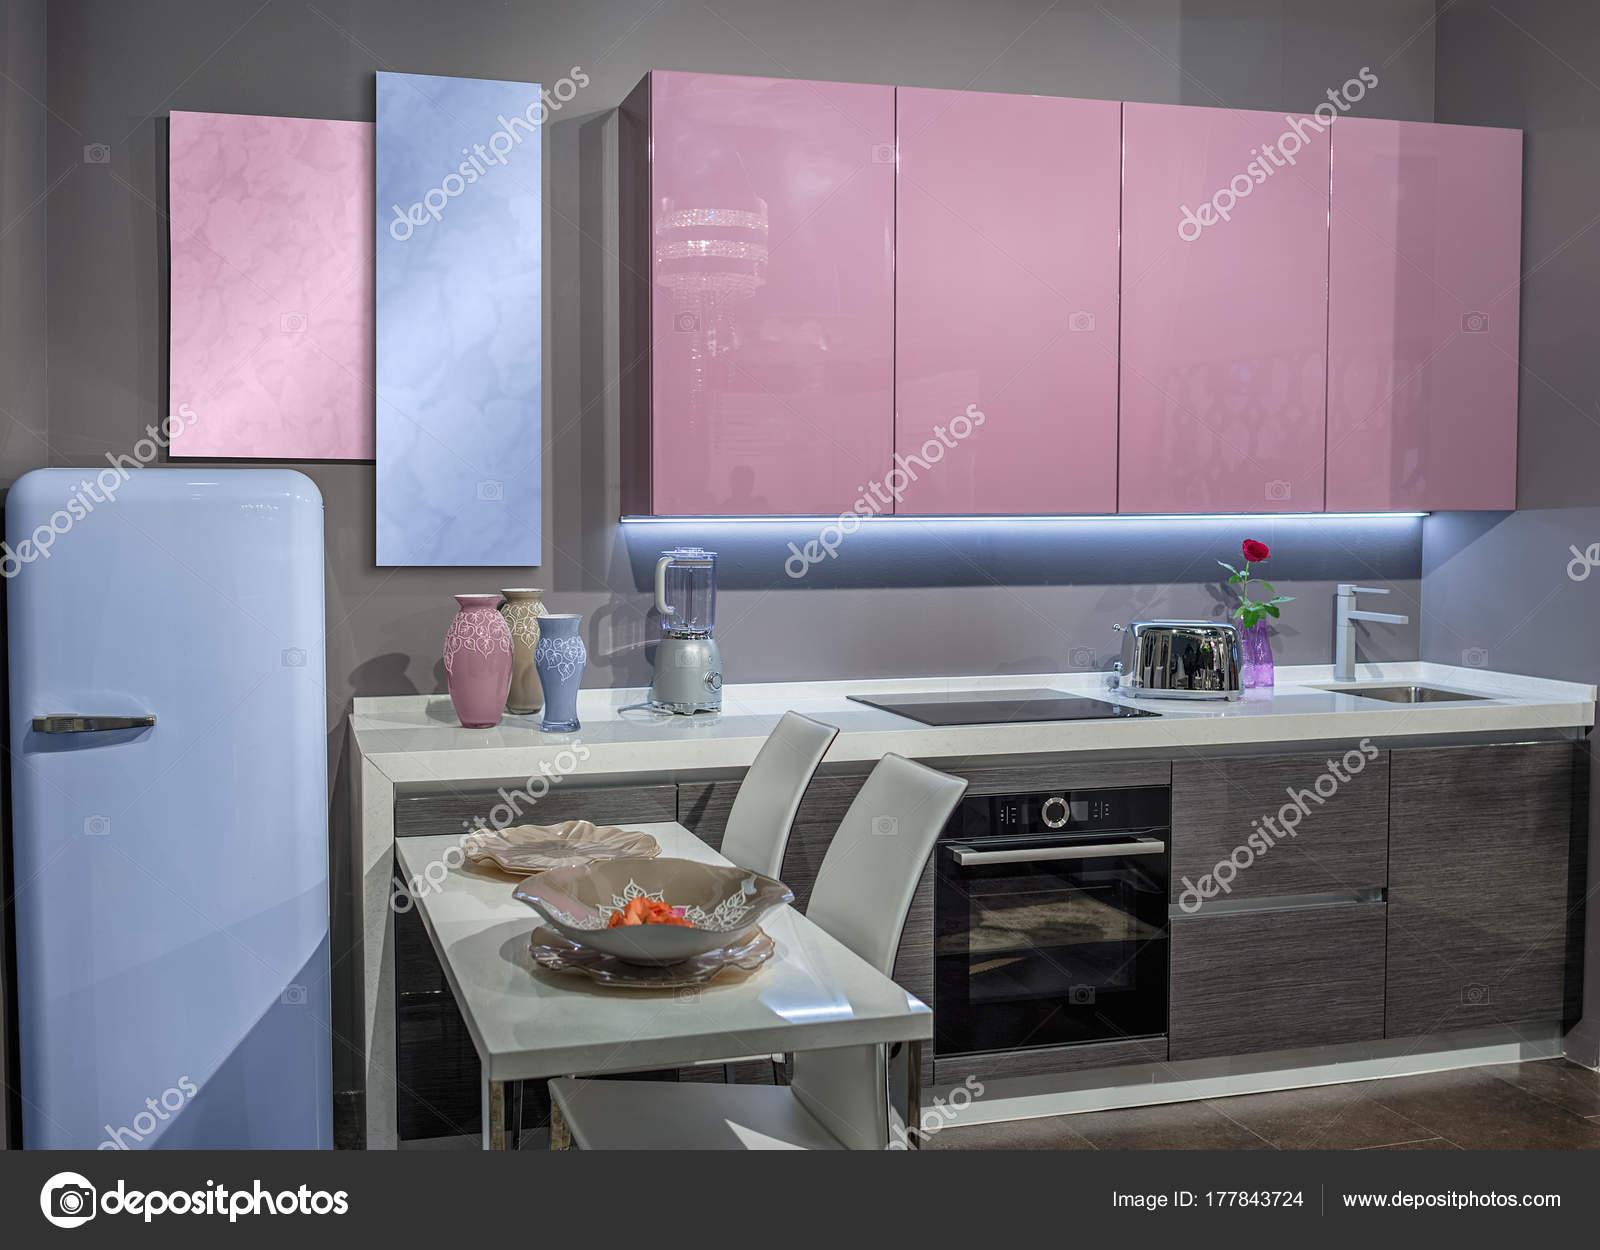 Moderne comfortabele keuken met een roze kleur van de bovenste